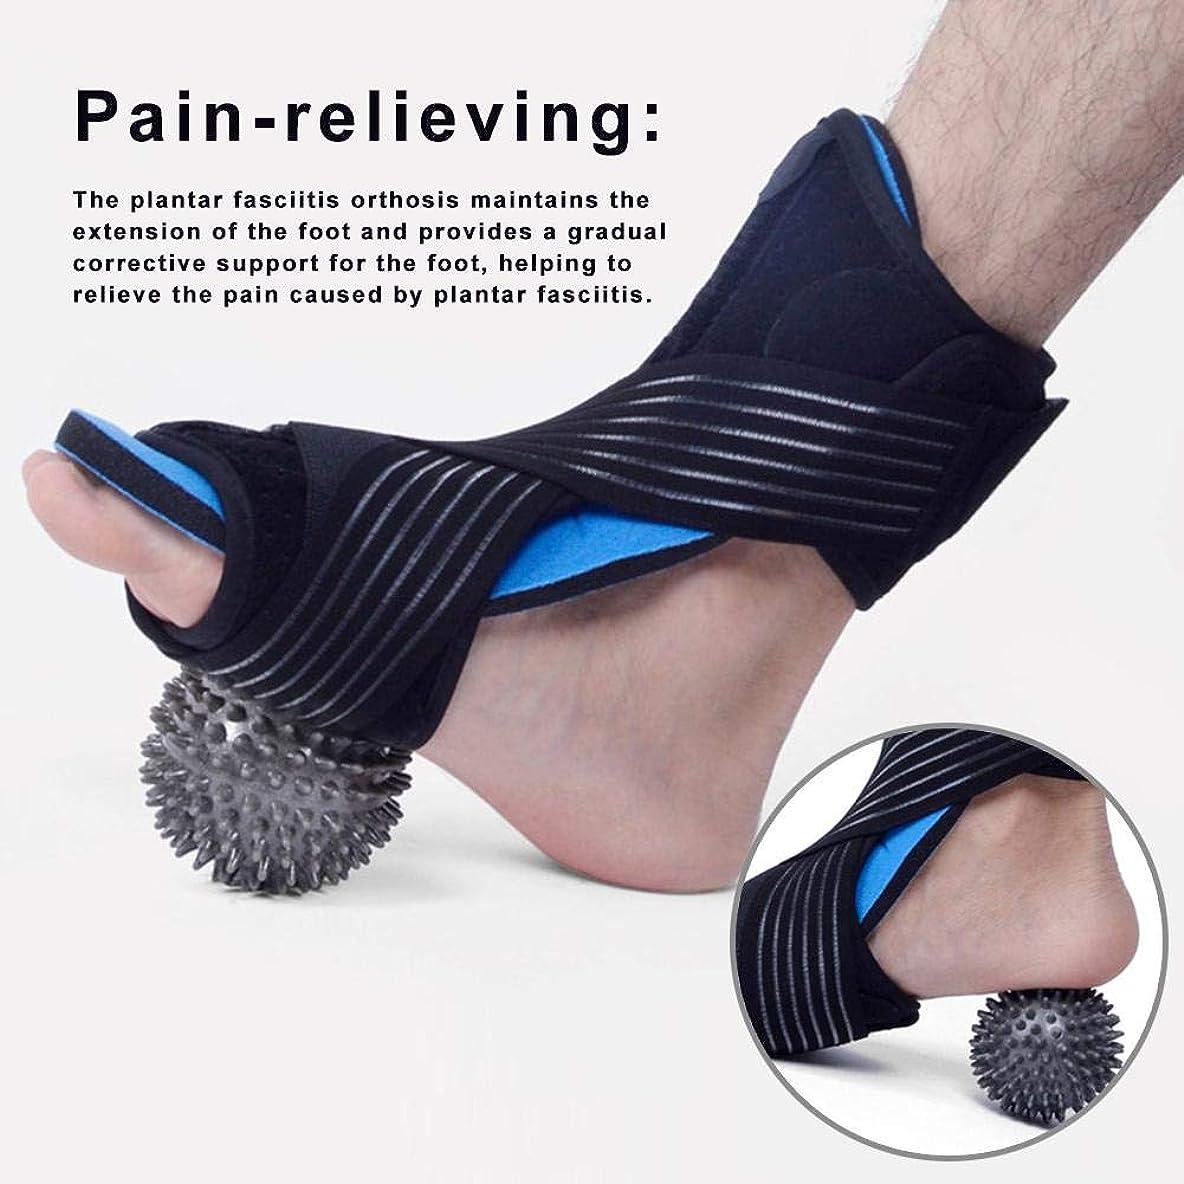 見込み排出入力iBaste マッサージ ボール 付き 調節 可能 な 足首 サポート スタビライザー 足底 筋 膜 炎 ナイト スプリント 足 装具 サポート 足底 筋 膜 炎 の 効果 の な 緩和 痛み 足底 筋 膜 炎 typical